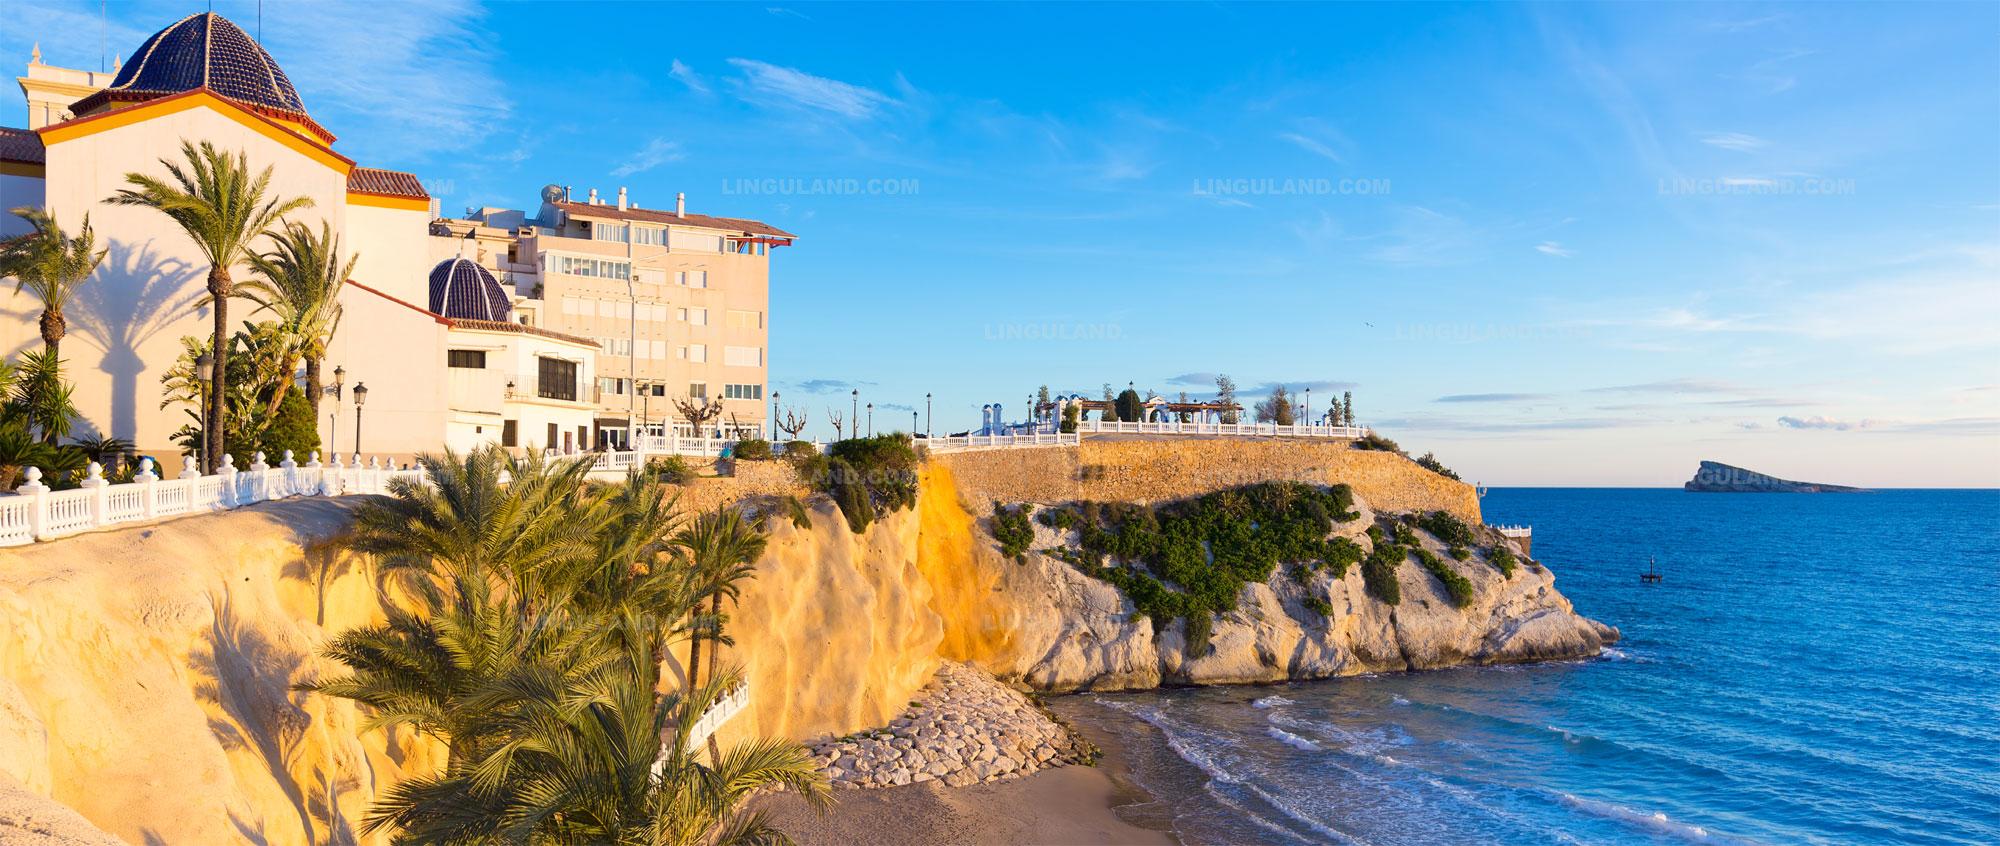 Sprachschulen Alicante, Sprachkurse Alicante